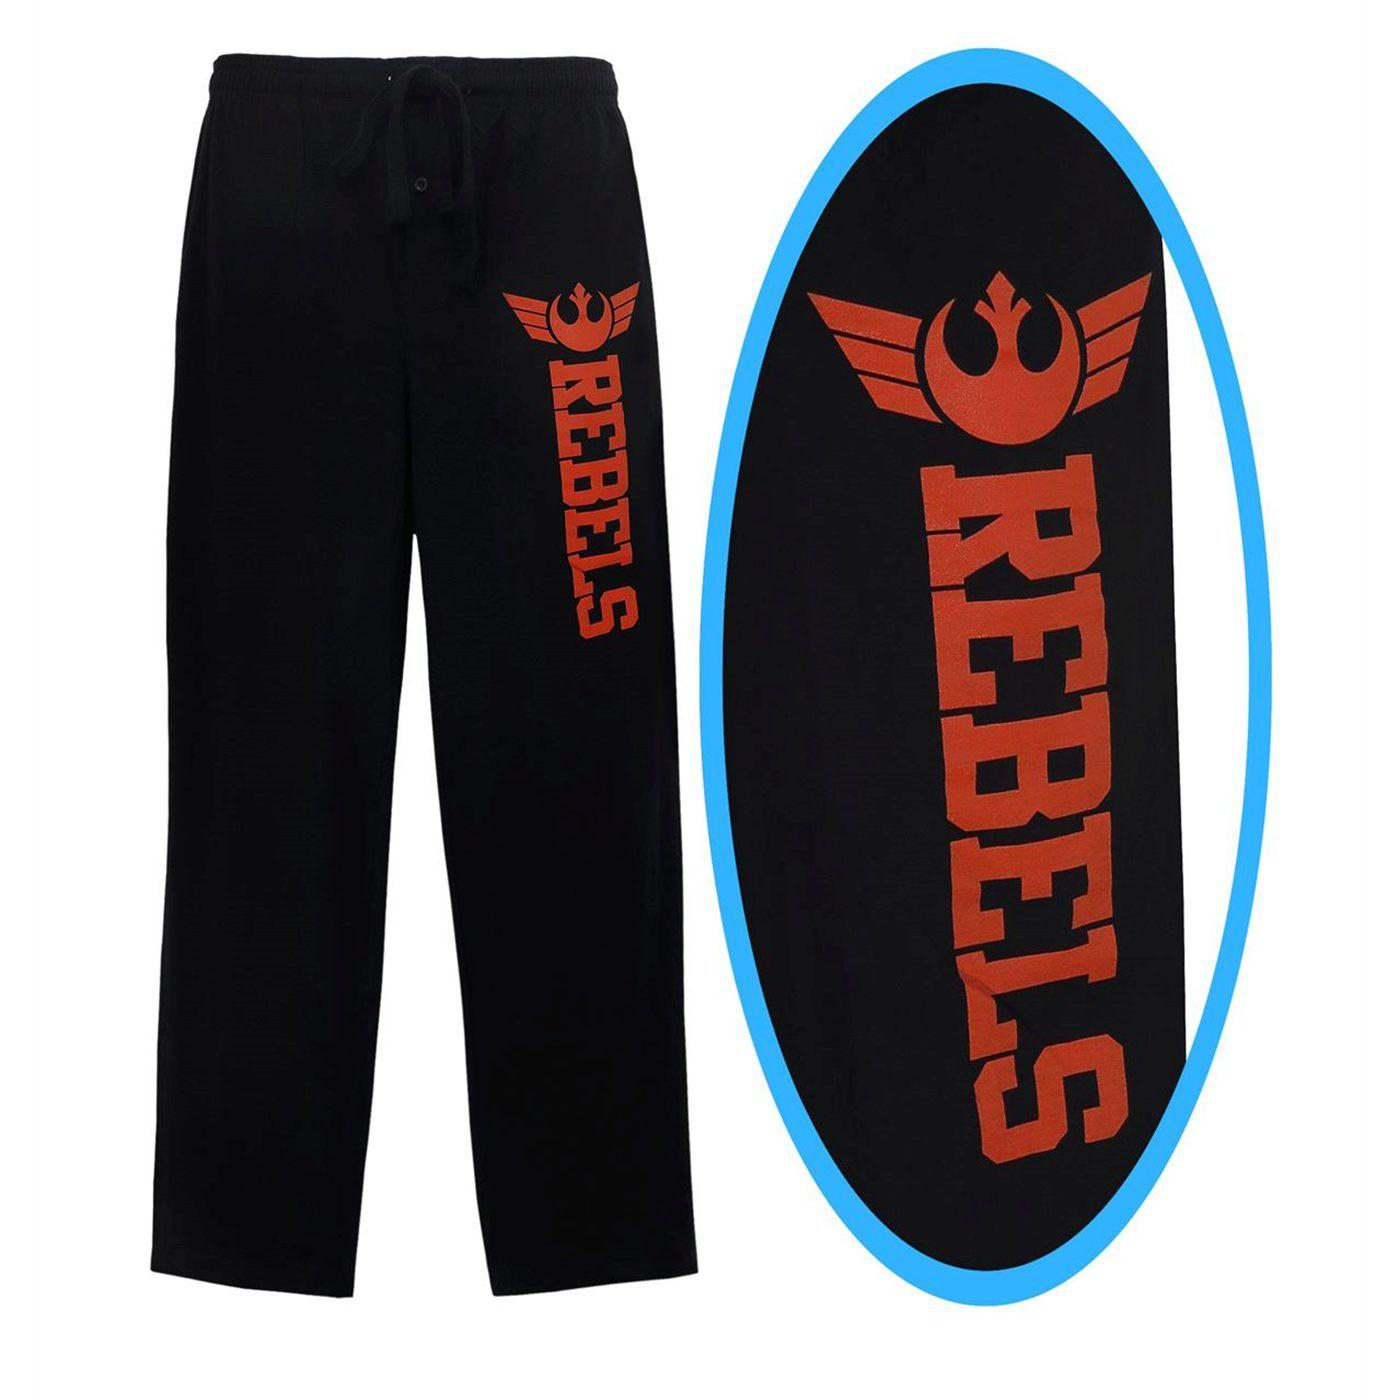 Star Wars Rebels Men's Pajama Pants